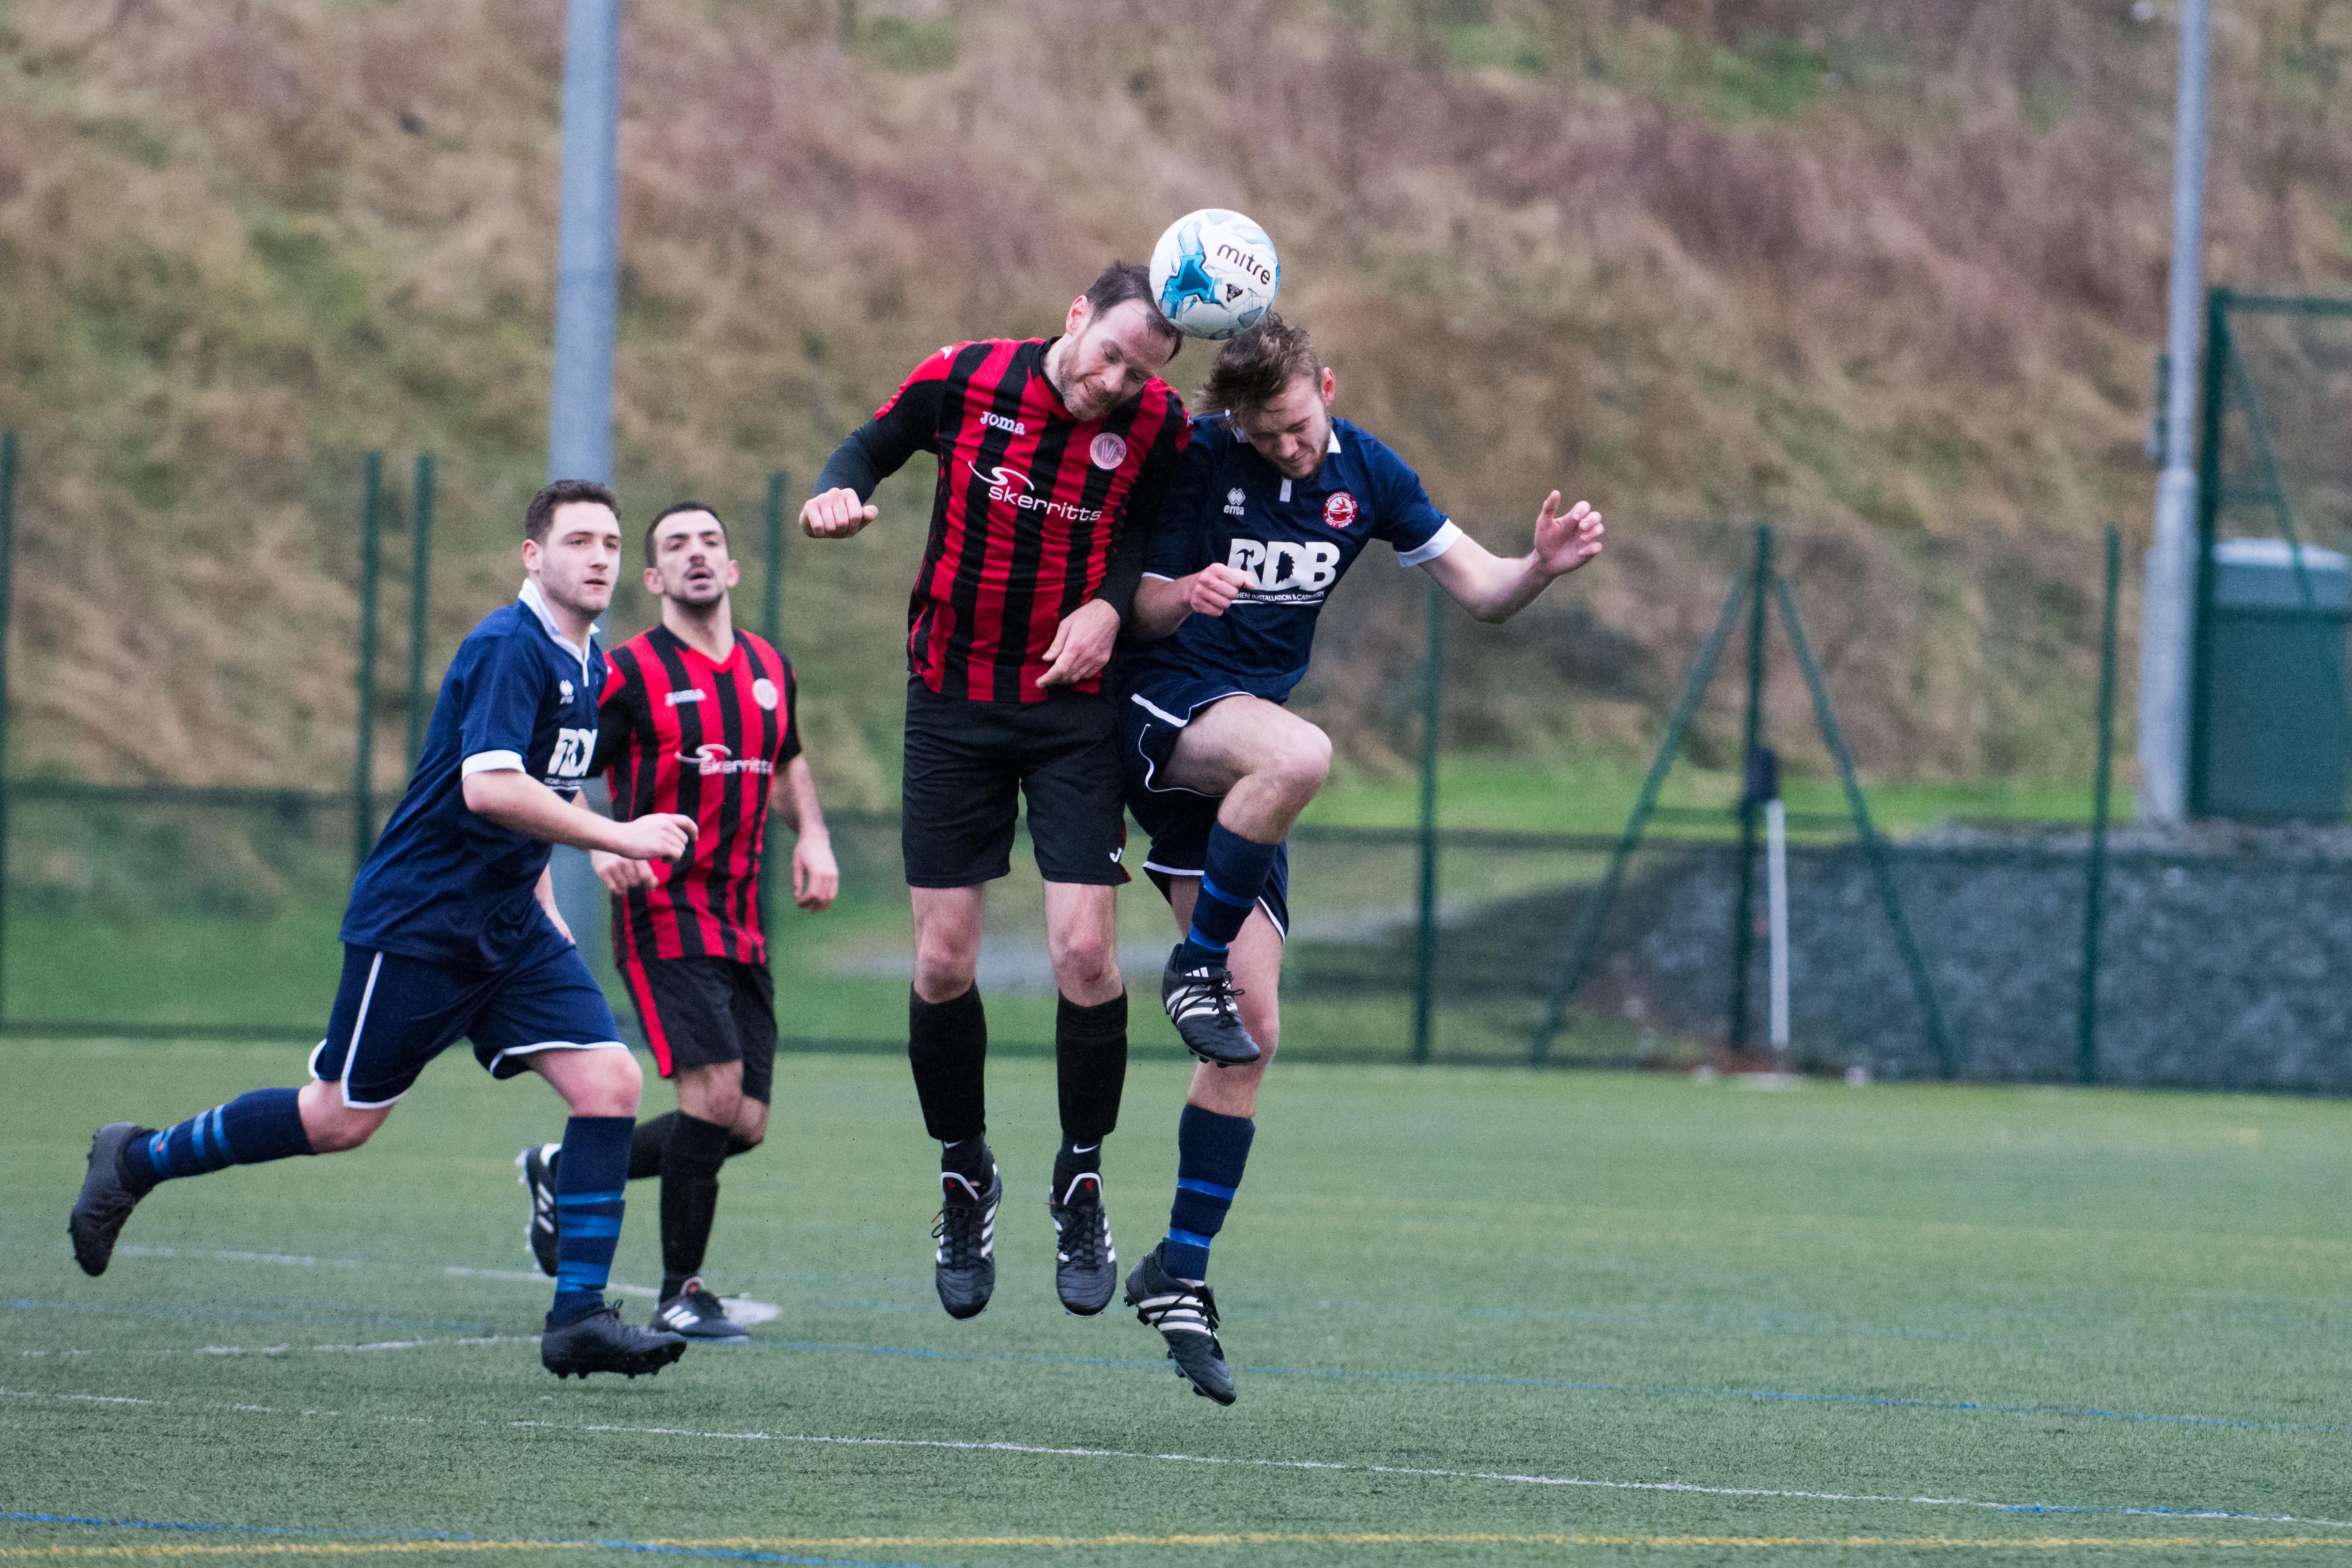 AFC Varndeanians Res vs Arundel FC Res 10.02.18 48